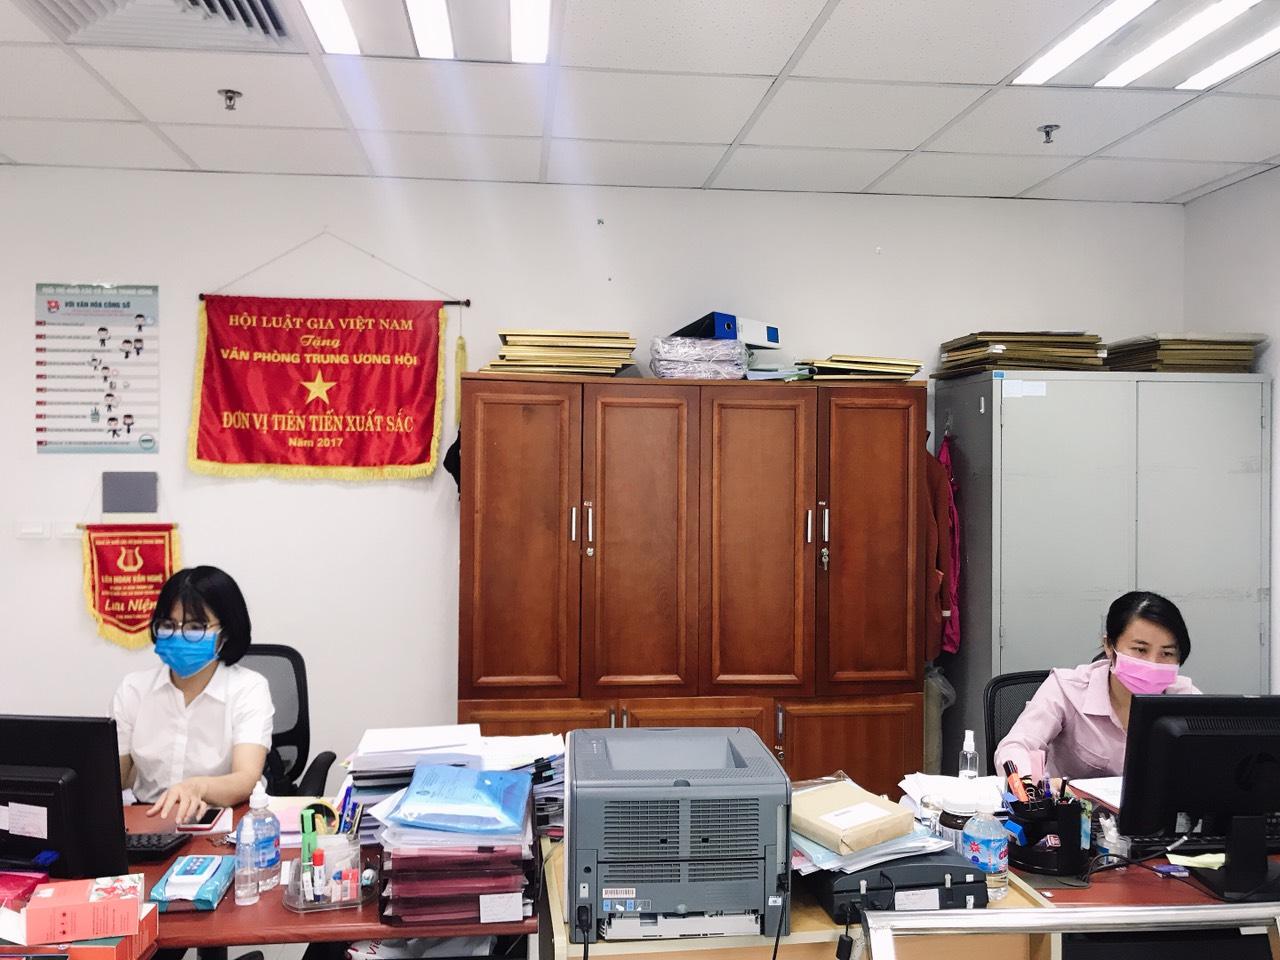 Tăng cường các biện pháp phòng, chống dịch Covid-19 tại Trụ sở cơ quan Trung ương Hội Luật gia Việt Nam - Ảnh 1